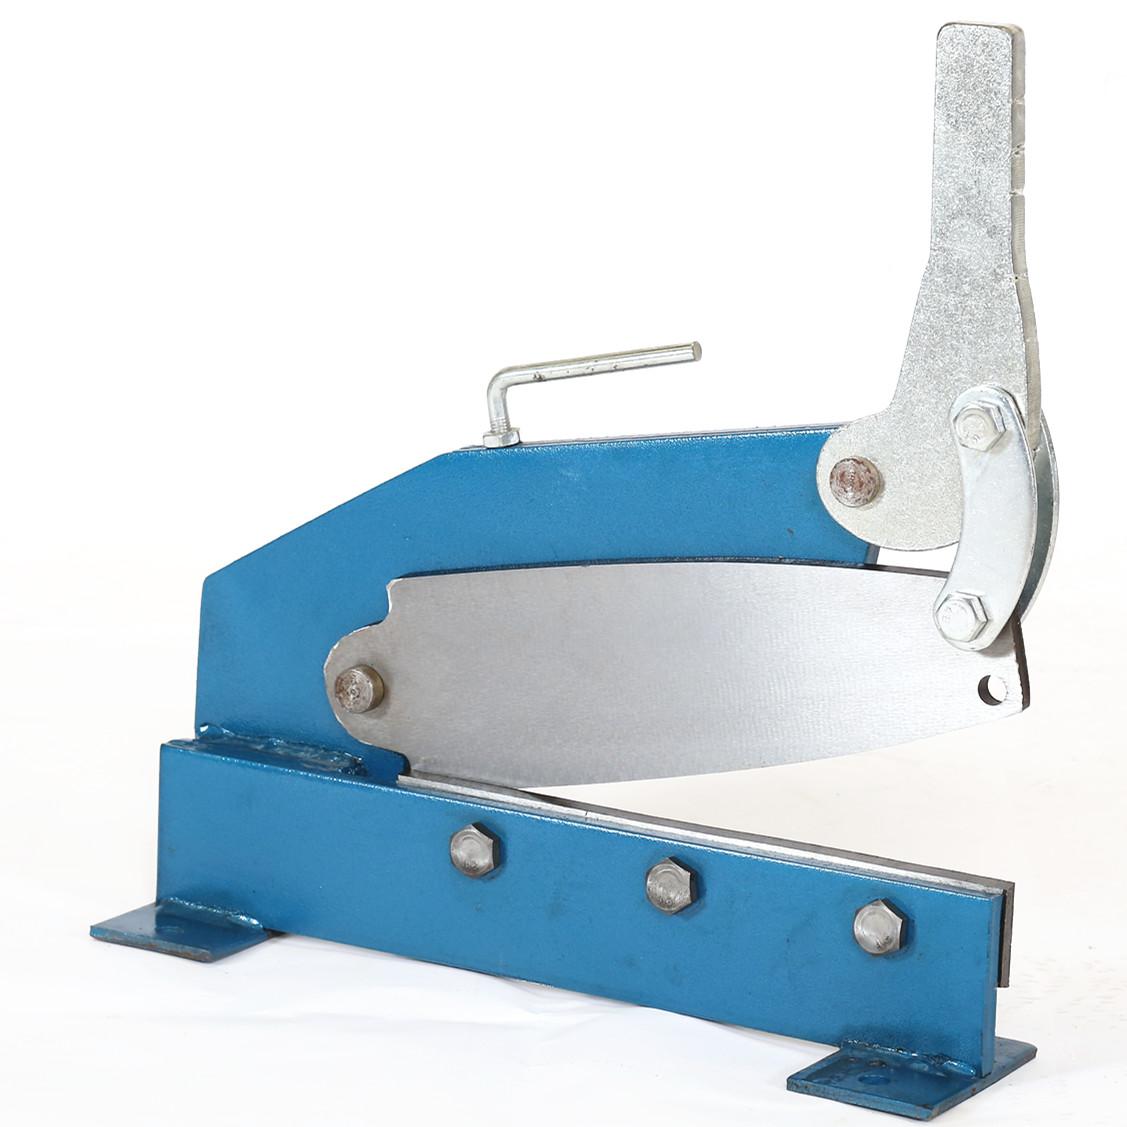 铁皮铡刀、手动剪板机、铁皮剪、钢板剪切机、剪板机,